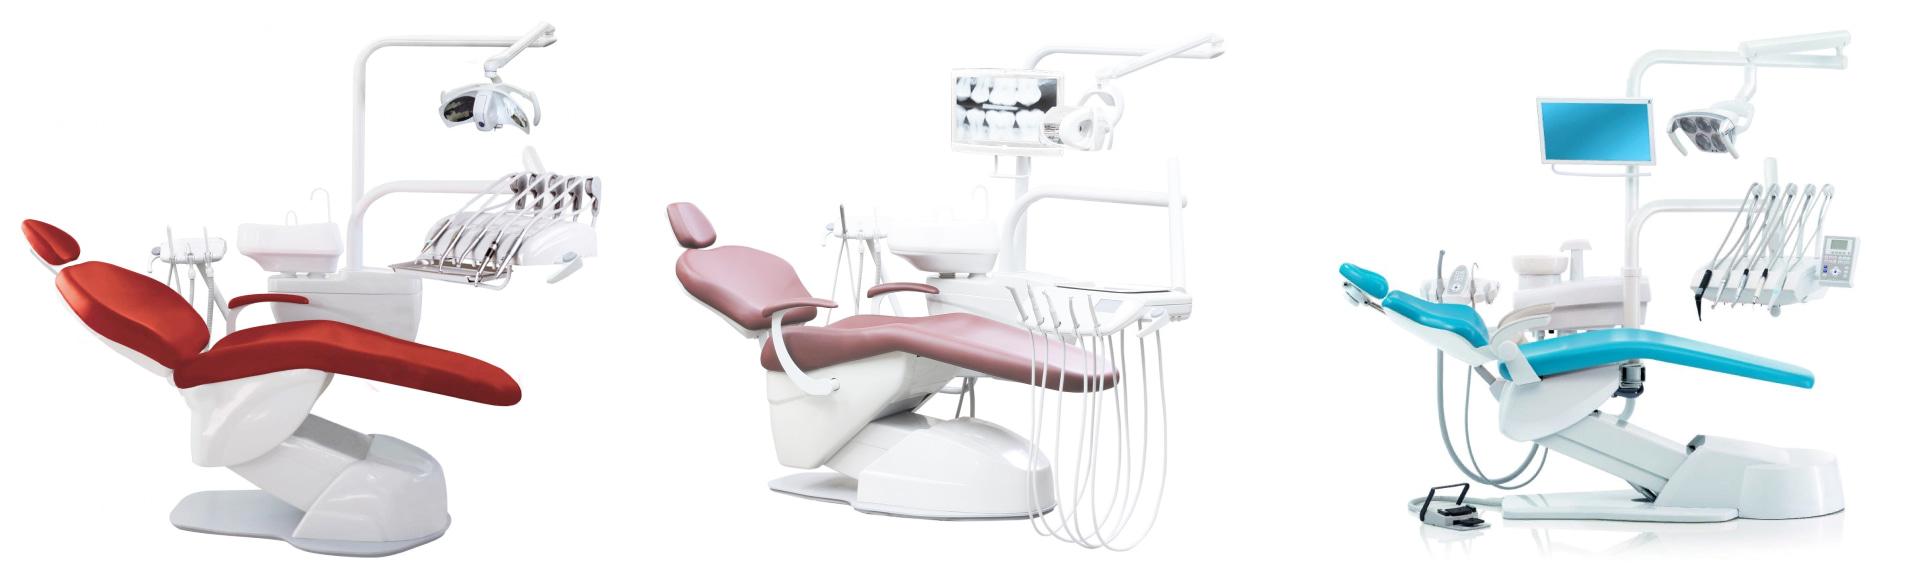 Стомат кресло Darta 3500, производитель Россия